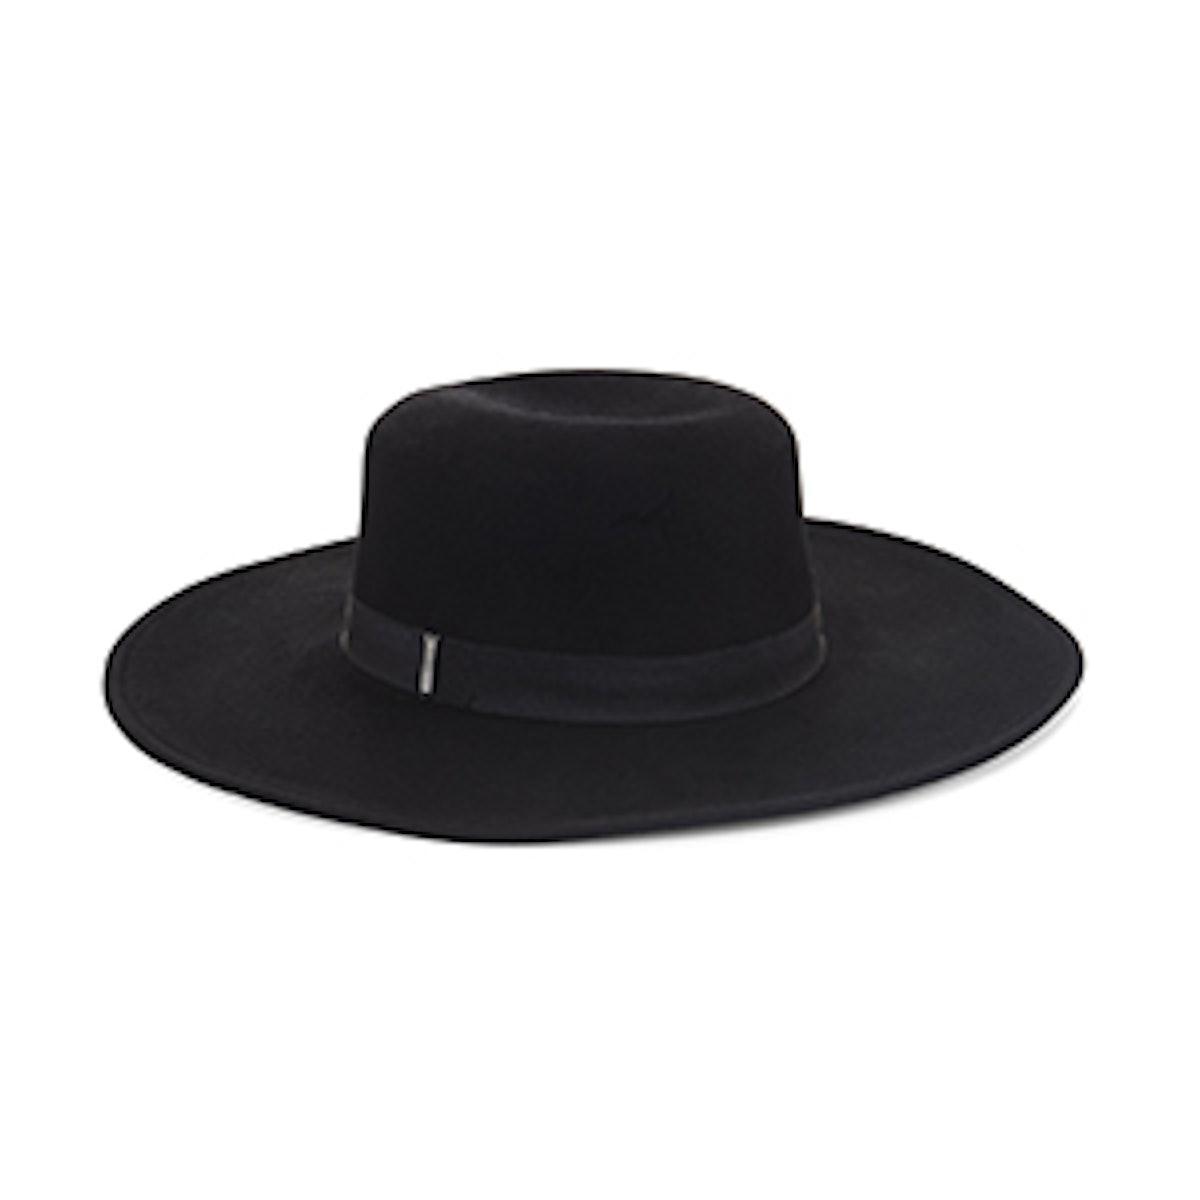 Sleek Wool Boater Hat